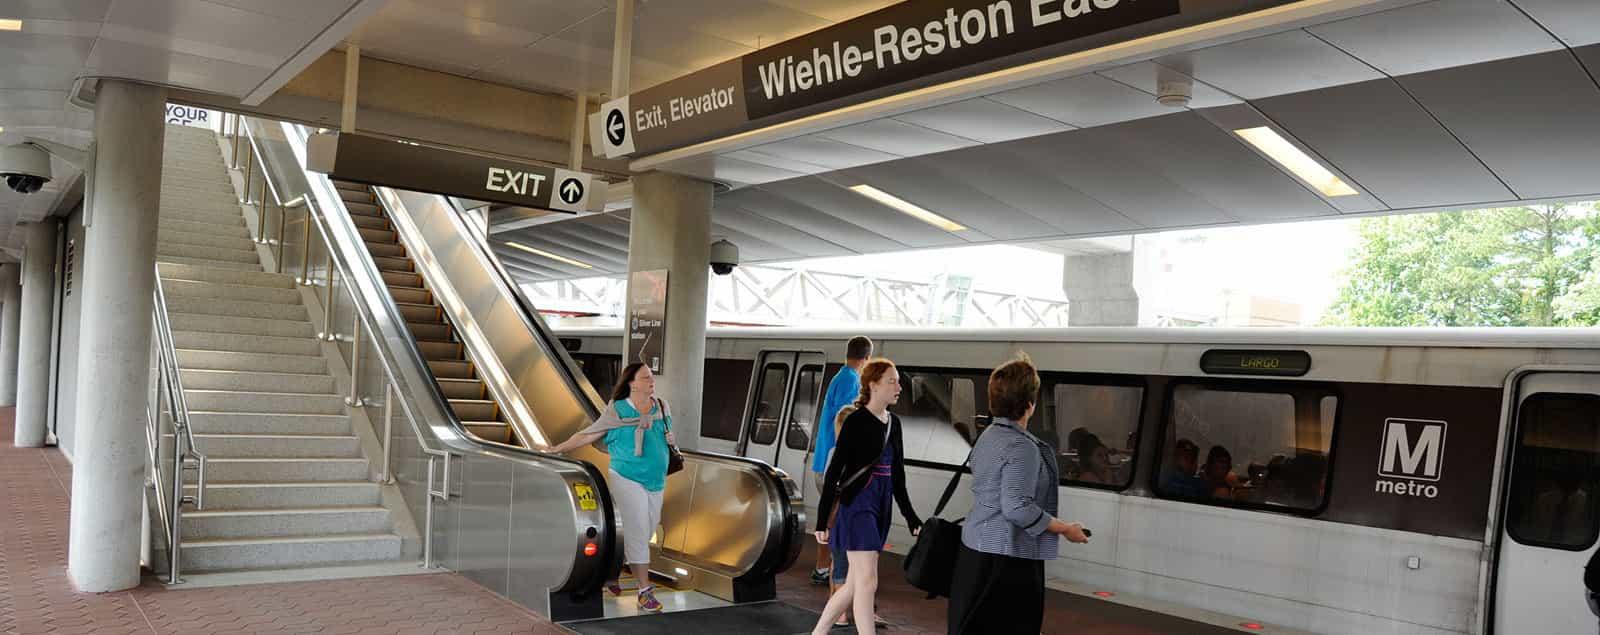 Fairfax Va Hotels Near Metro